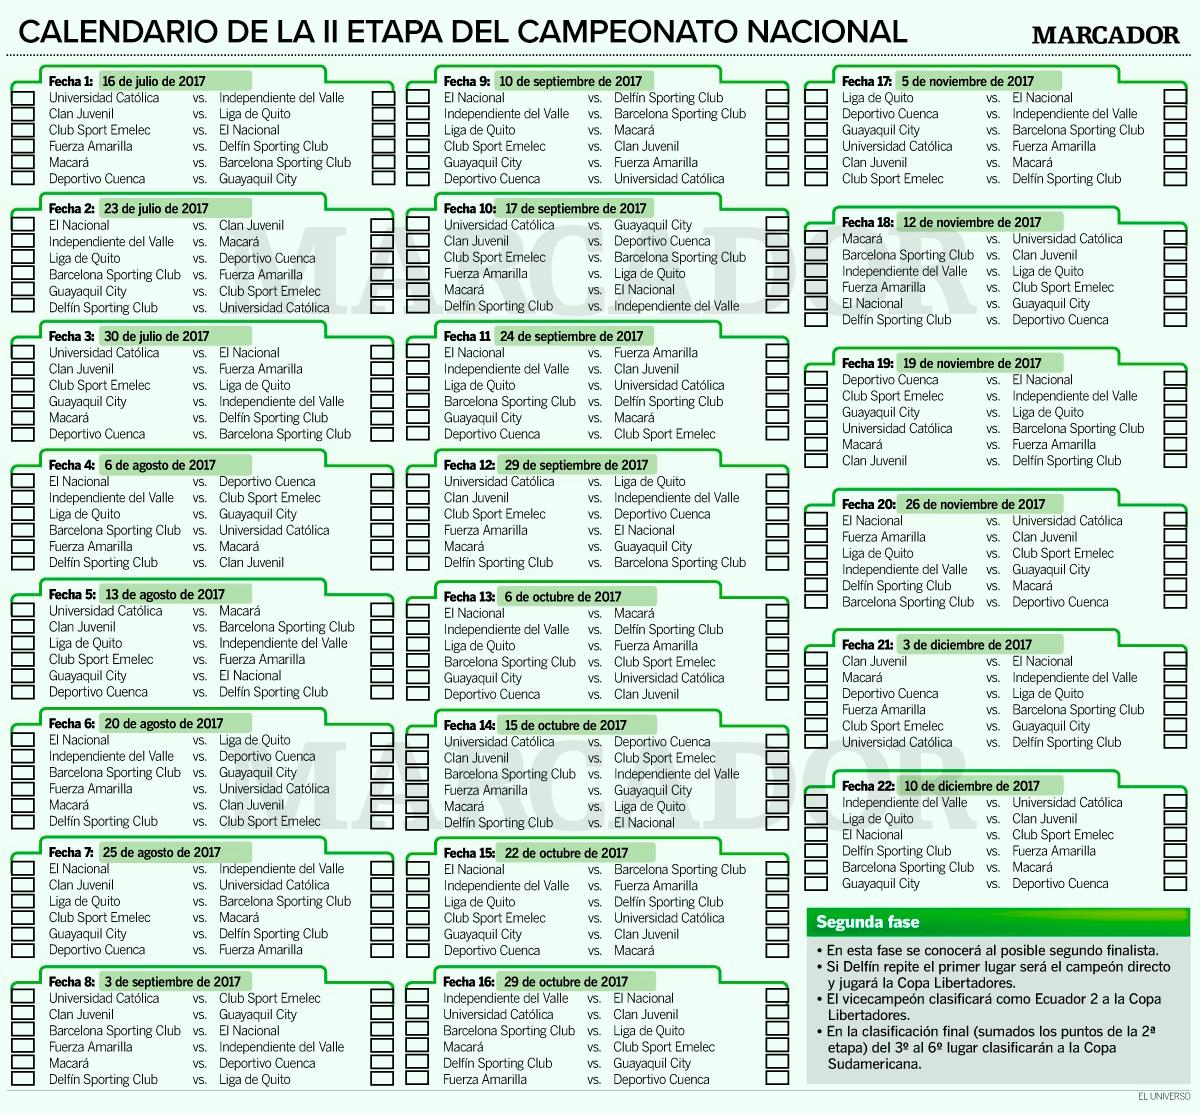 Calendario De La Segunda Etapa Del Campeonato Ecuatoriano 2017 Campeonato Nacional Deportes El Universo Campeonato Nacional Calendario Deportes